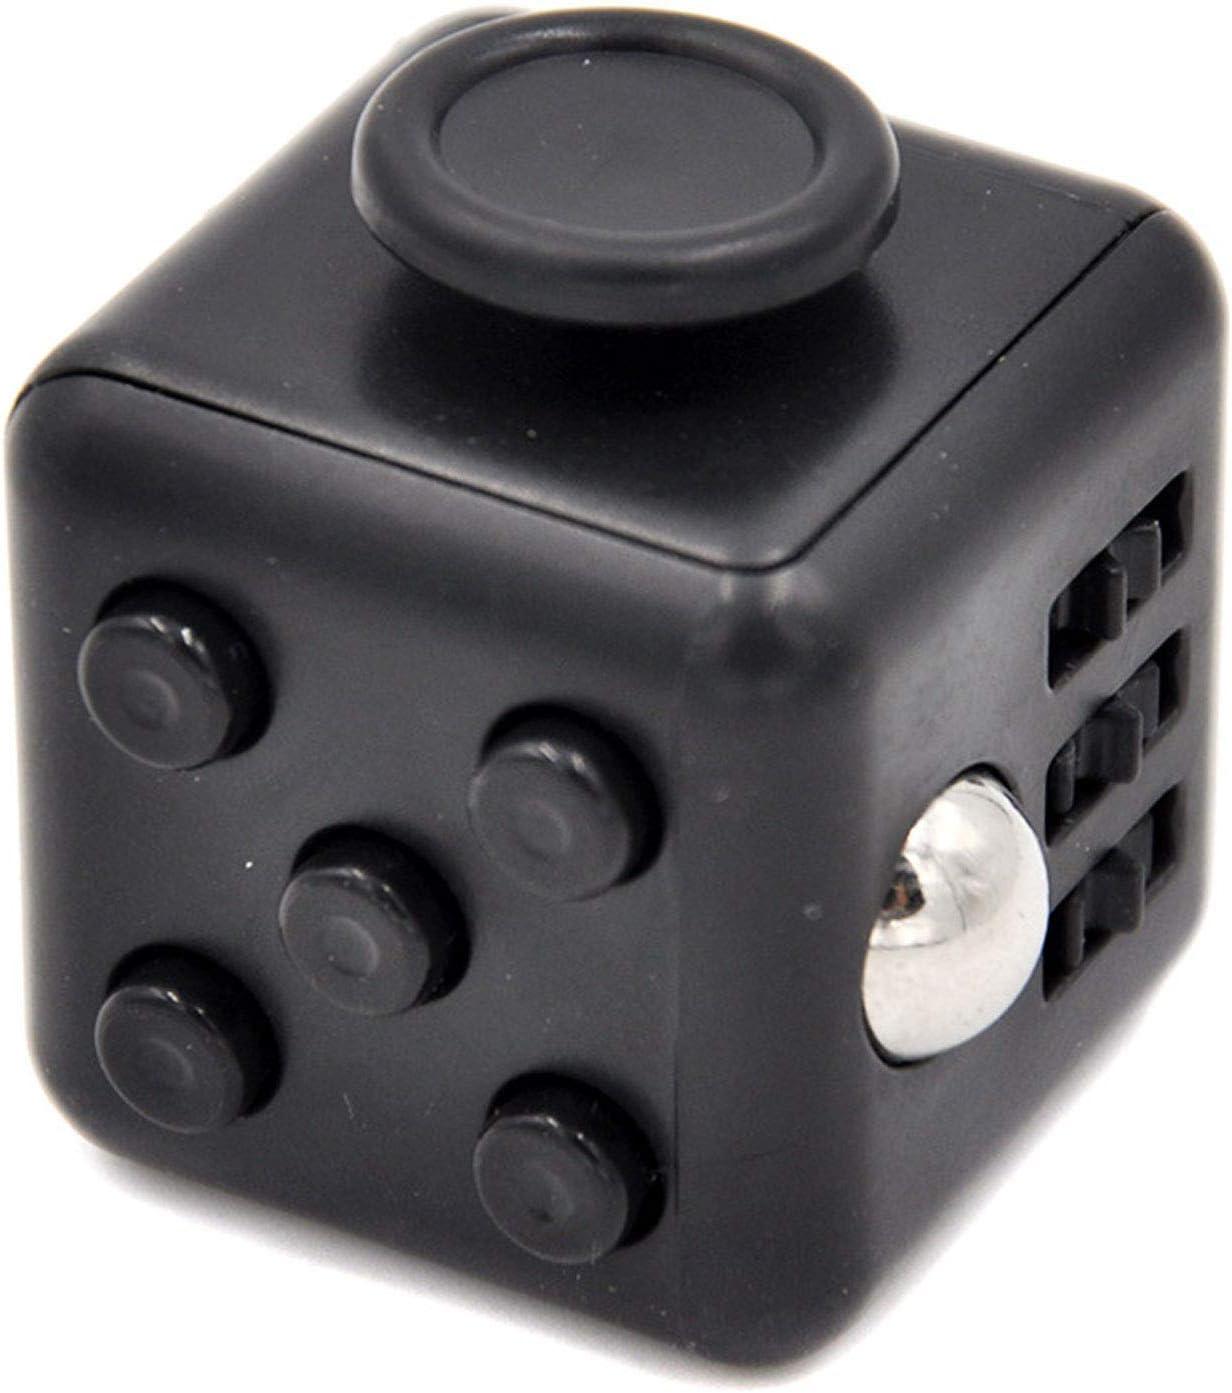 Fidget Stressw/ürfel mit 6 Seiten Tasten zum Stressabbau Golden zum Konzentrieren ADHD Autismus f/ür Erwachsene Kinder bei Angst Fidget Cube mit H/ülle Schreibtisch-Spielzeug Klicker Joystick